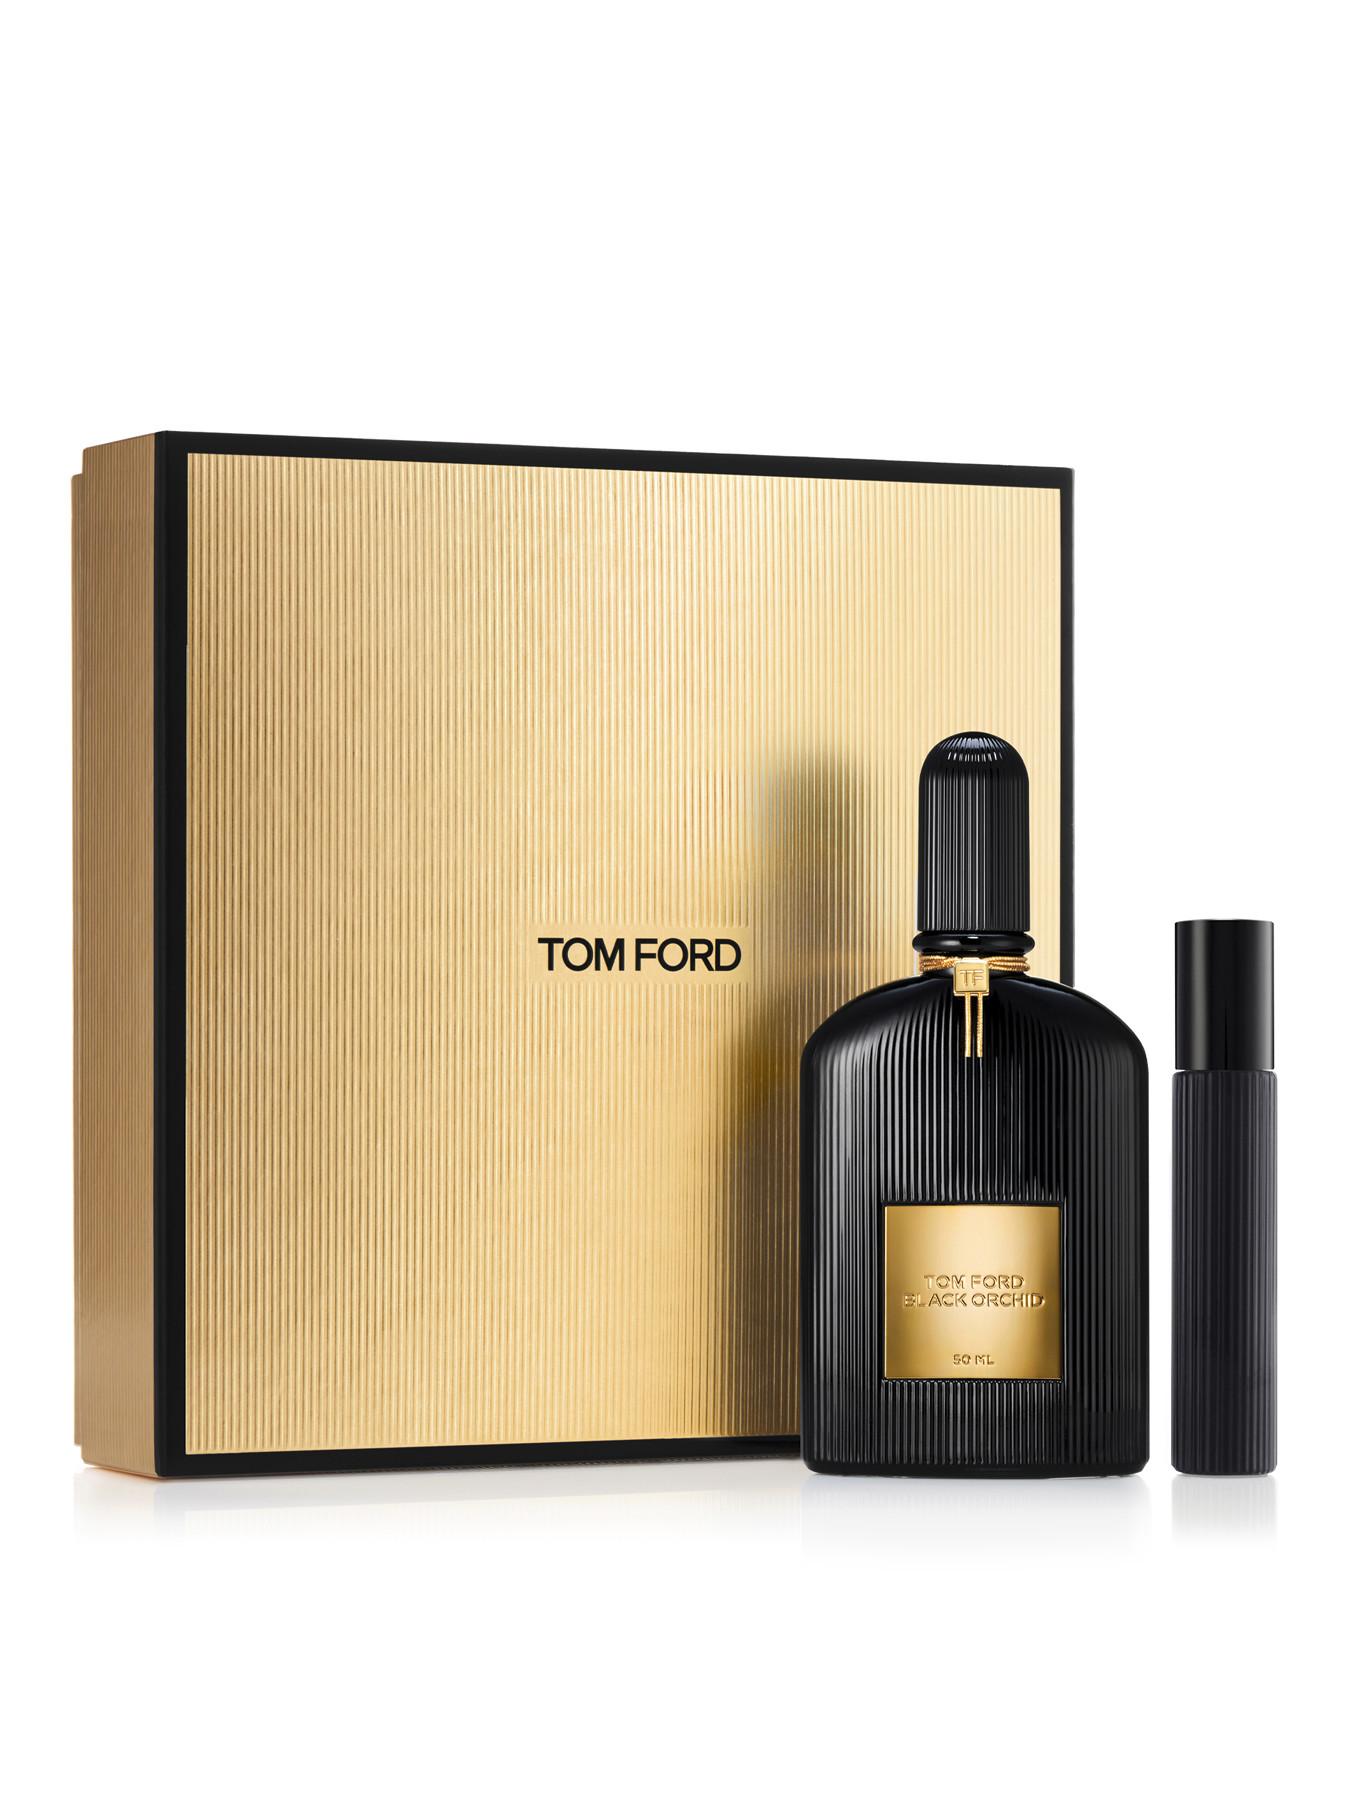 Tom Ford Signature Collection Black Orchid Eau De Parfum Gift Set Fragrance Fenwick